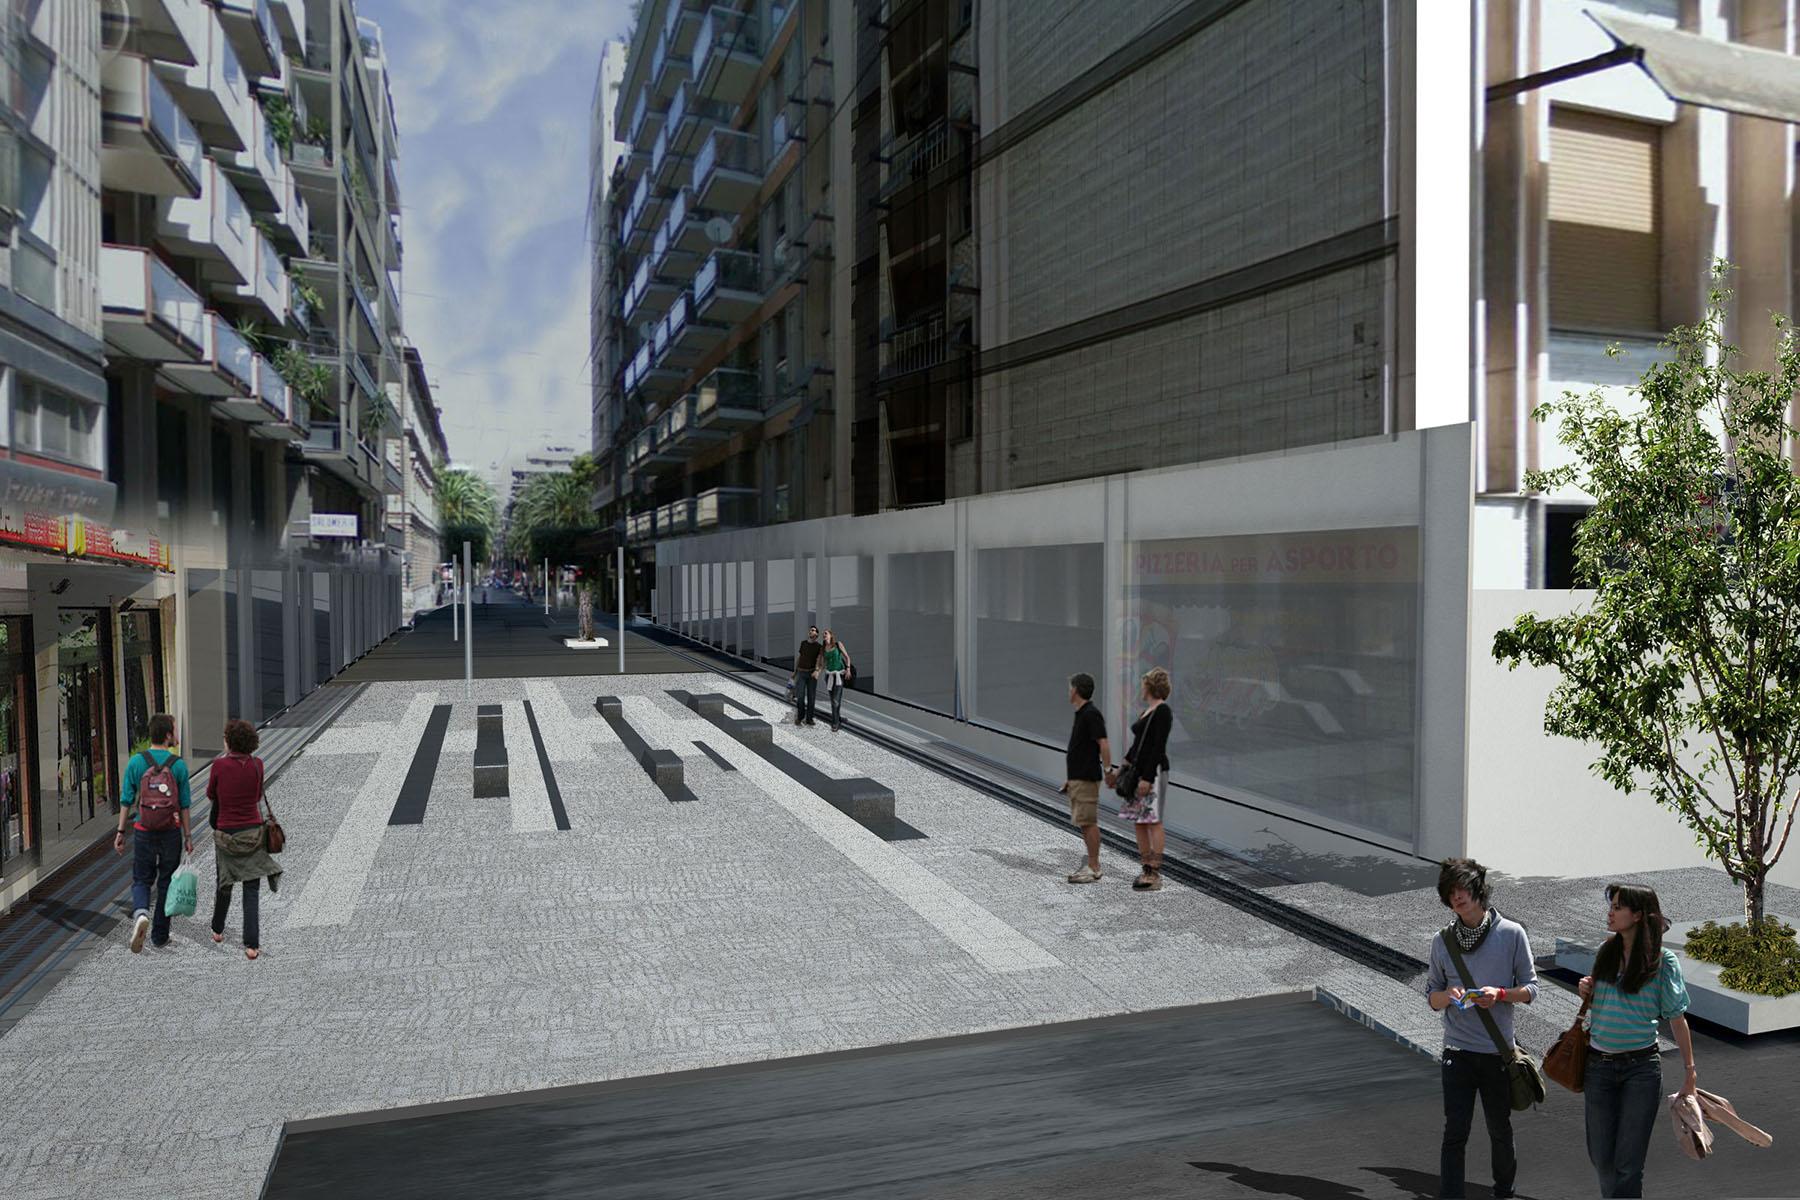 Bari entro l'autunno inizierà il restyling di Via Sparano, sei salotti a tema ecco come sarà